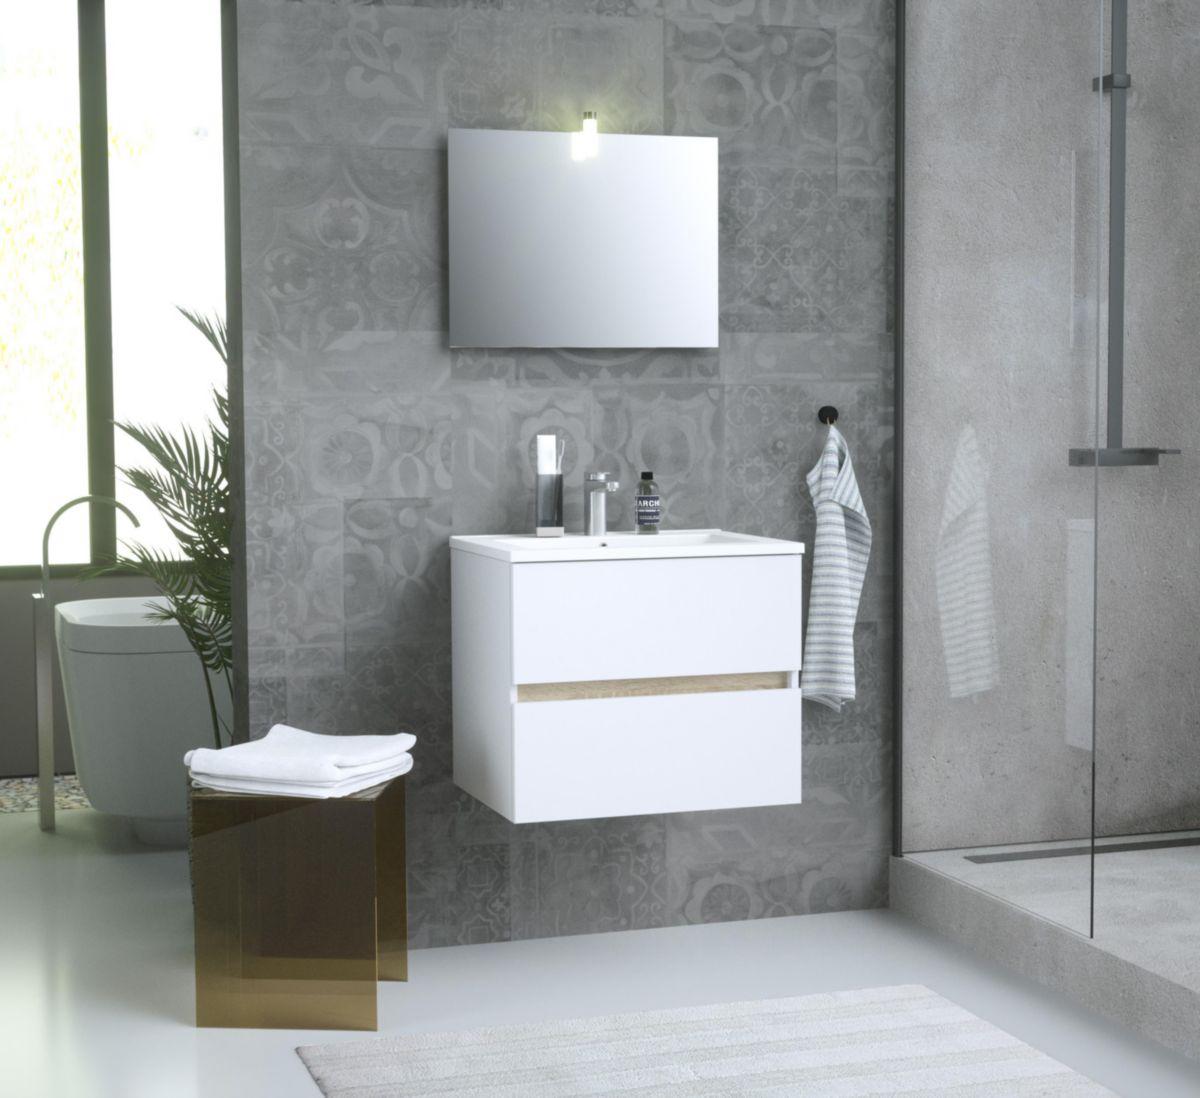 Alterna Meuble De Salle De Bain Sous Vasque Primeo Kit 60 Cm Blanc Bois A Monter Avec Miroir Et Spot Cedeo